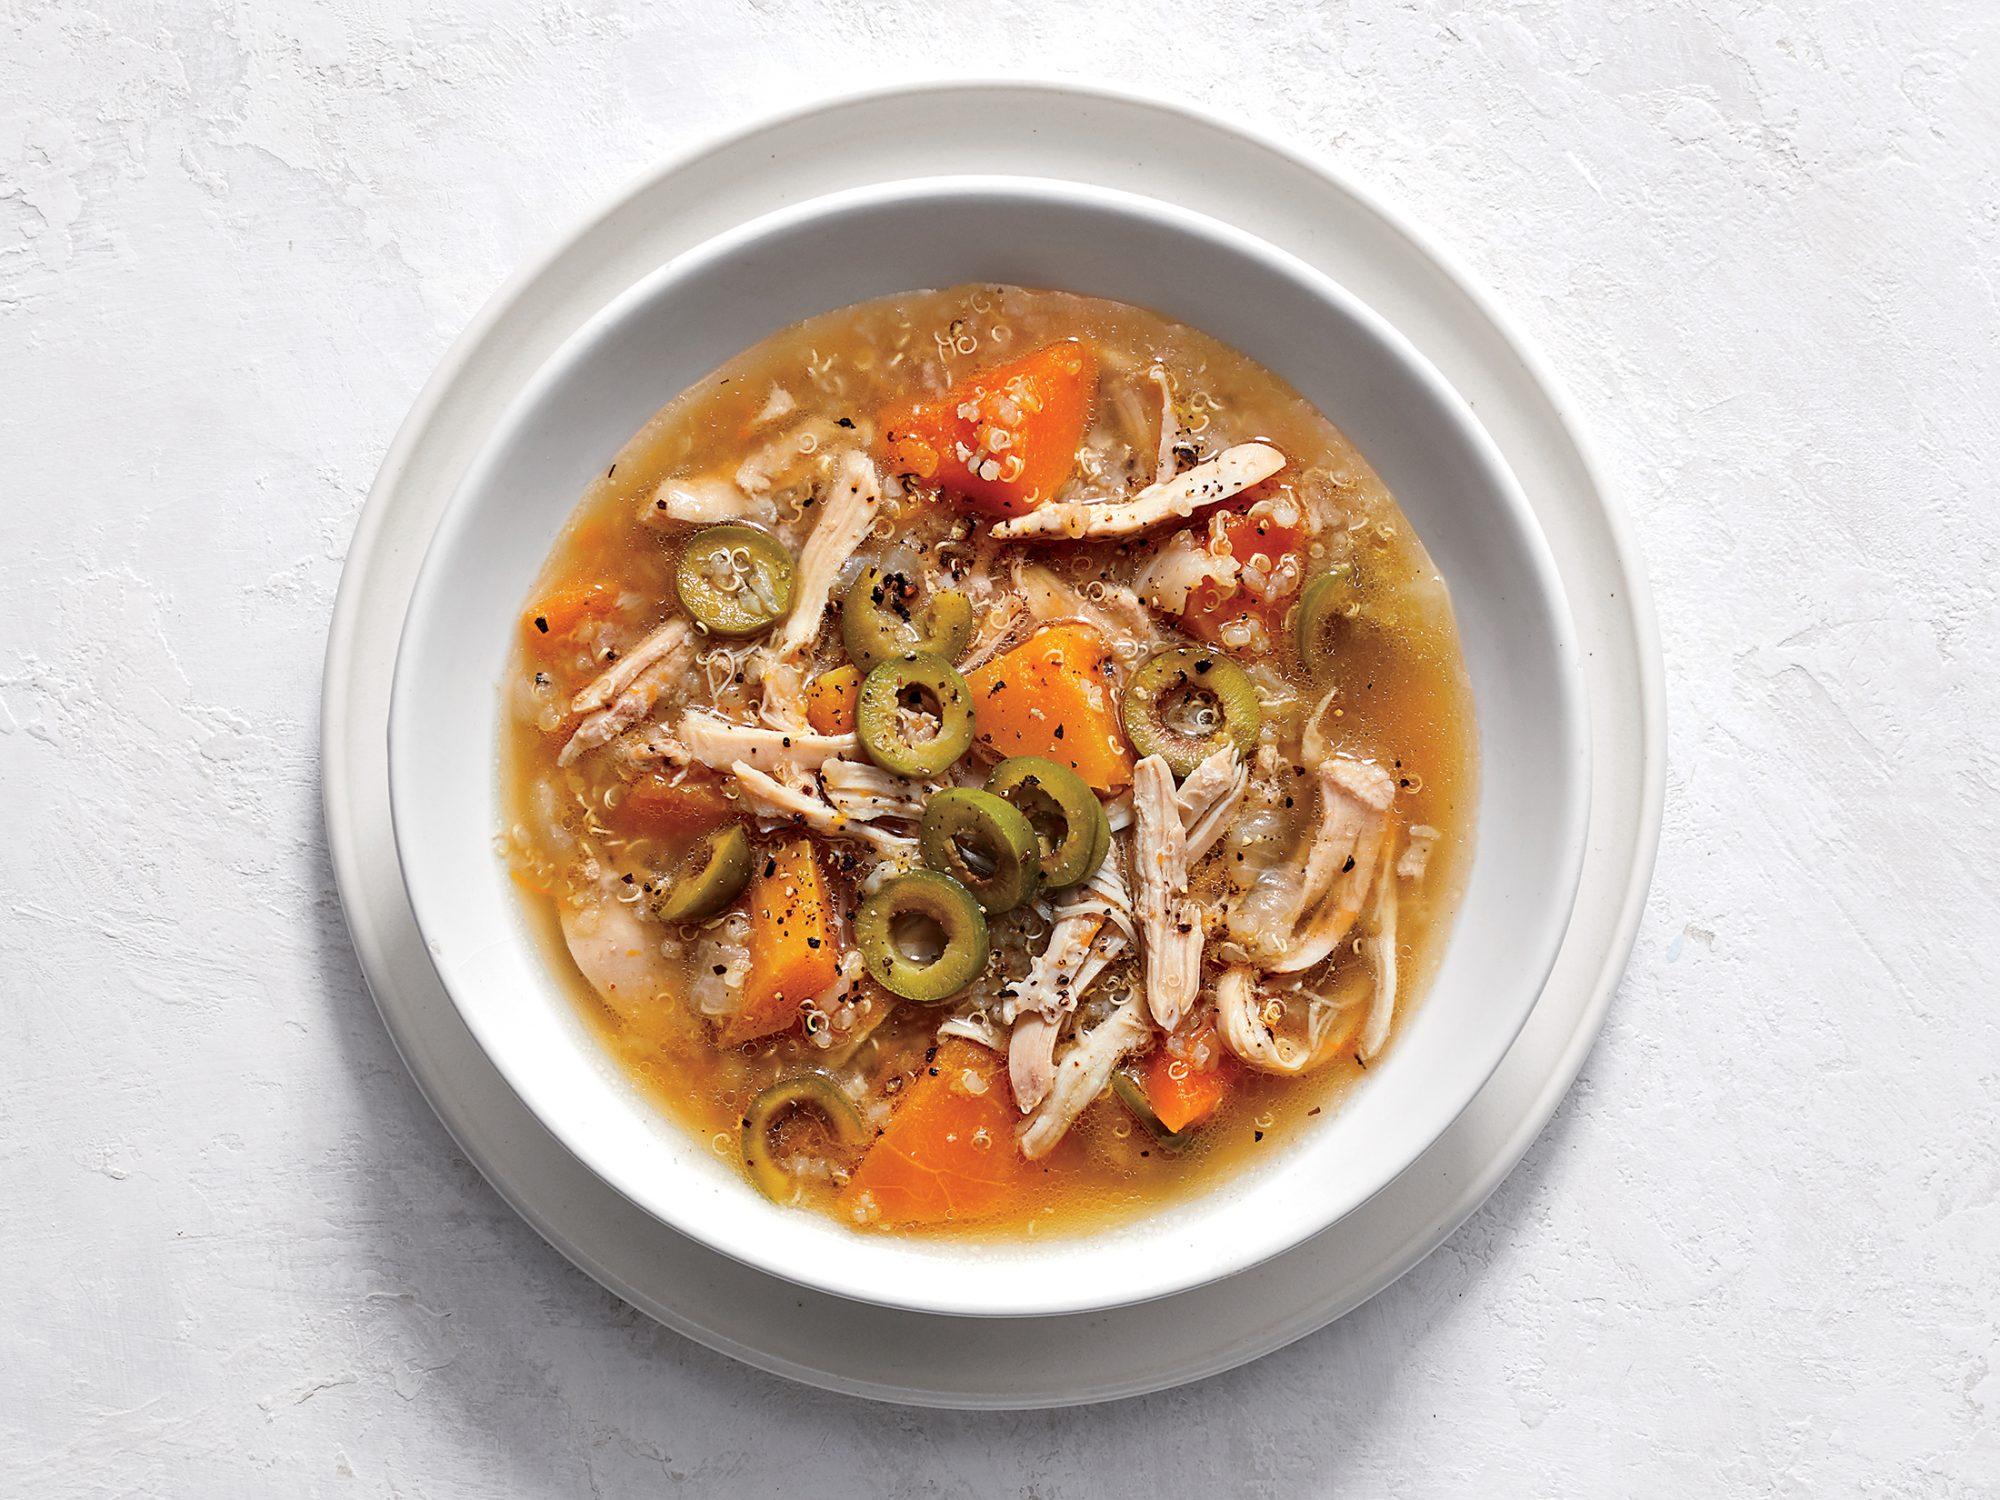 Slow Cooker Mediterranean Chicken and Quinoa Stew